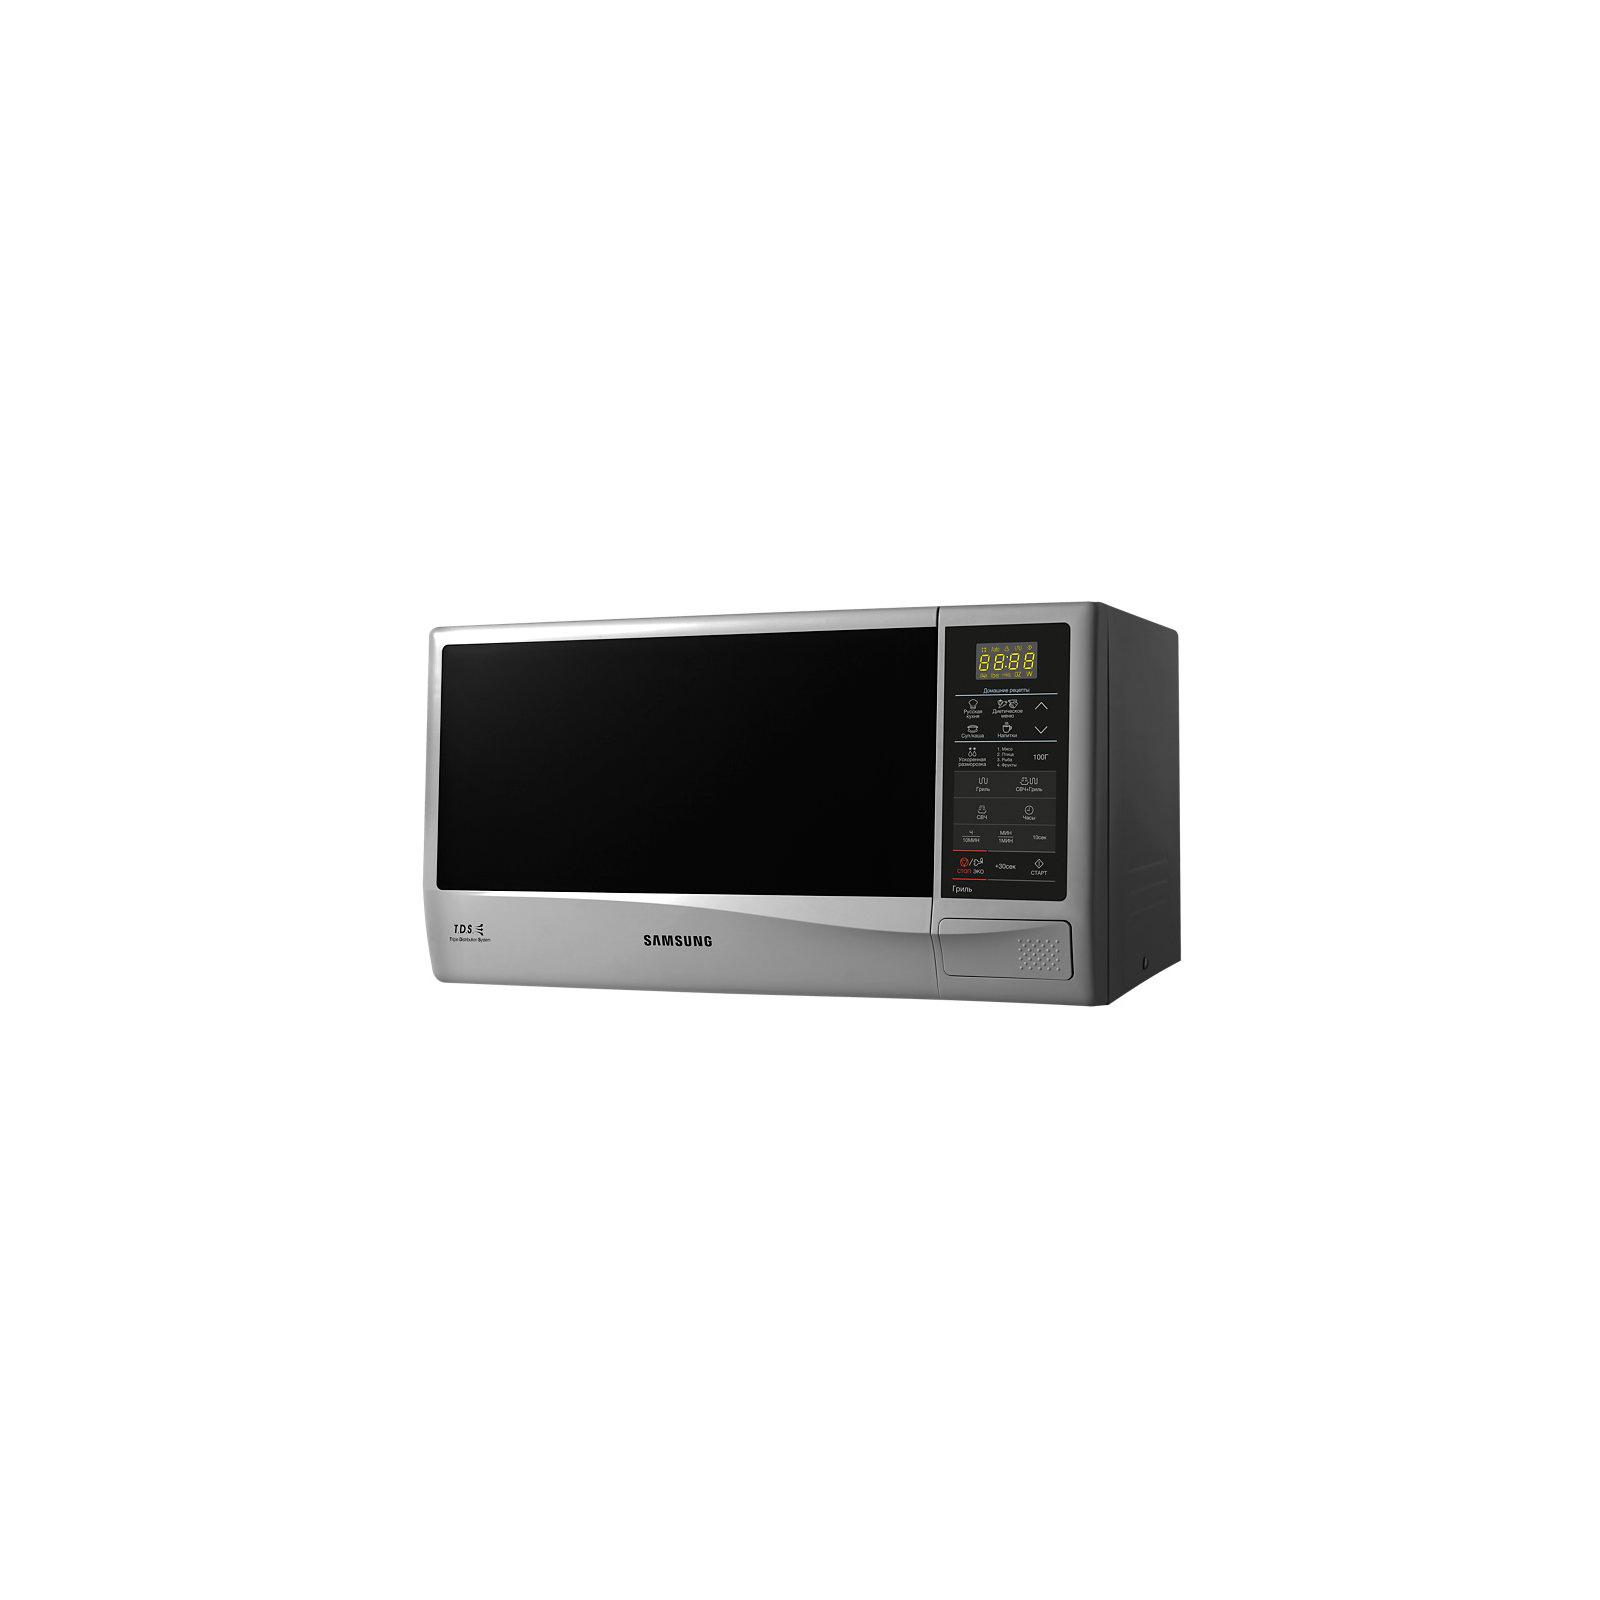 Микроволновая печь Samsung GE 83 KRS-2/BW (GE83KRS-2/BW) изображение 2